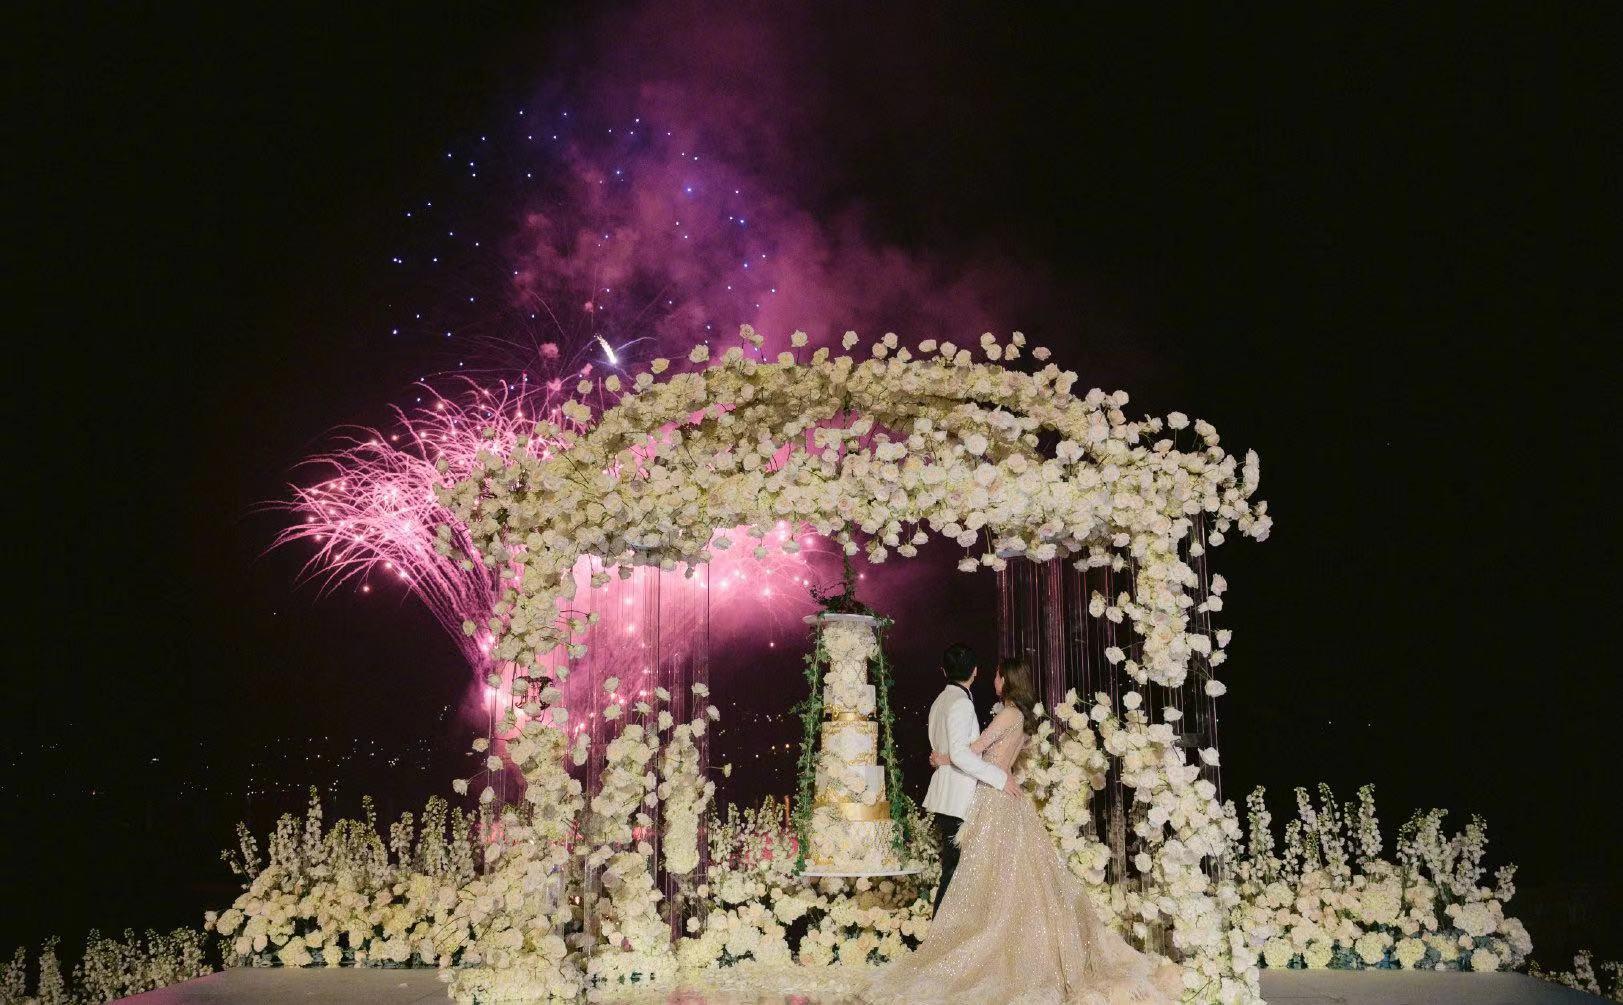 文咏珊婚礼,郭碧婷婚礼,安以轩婚礼,唯郭晶晶婚礼才叫世纪婚礼